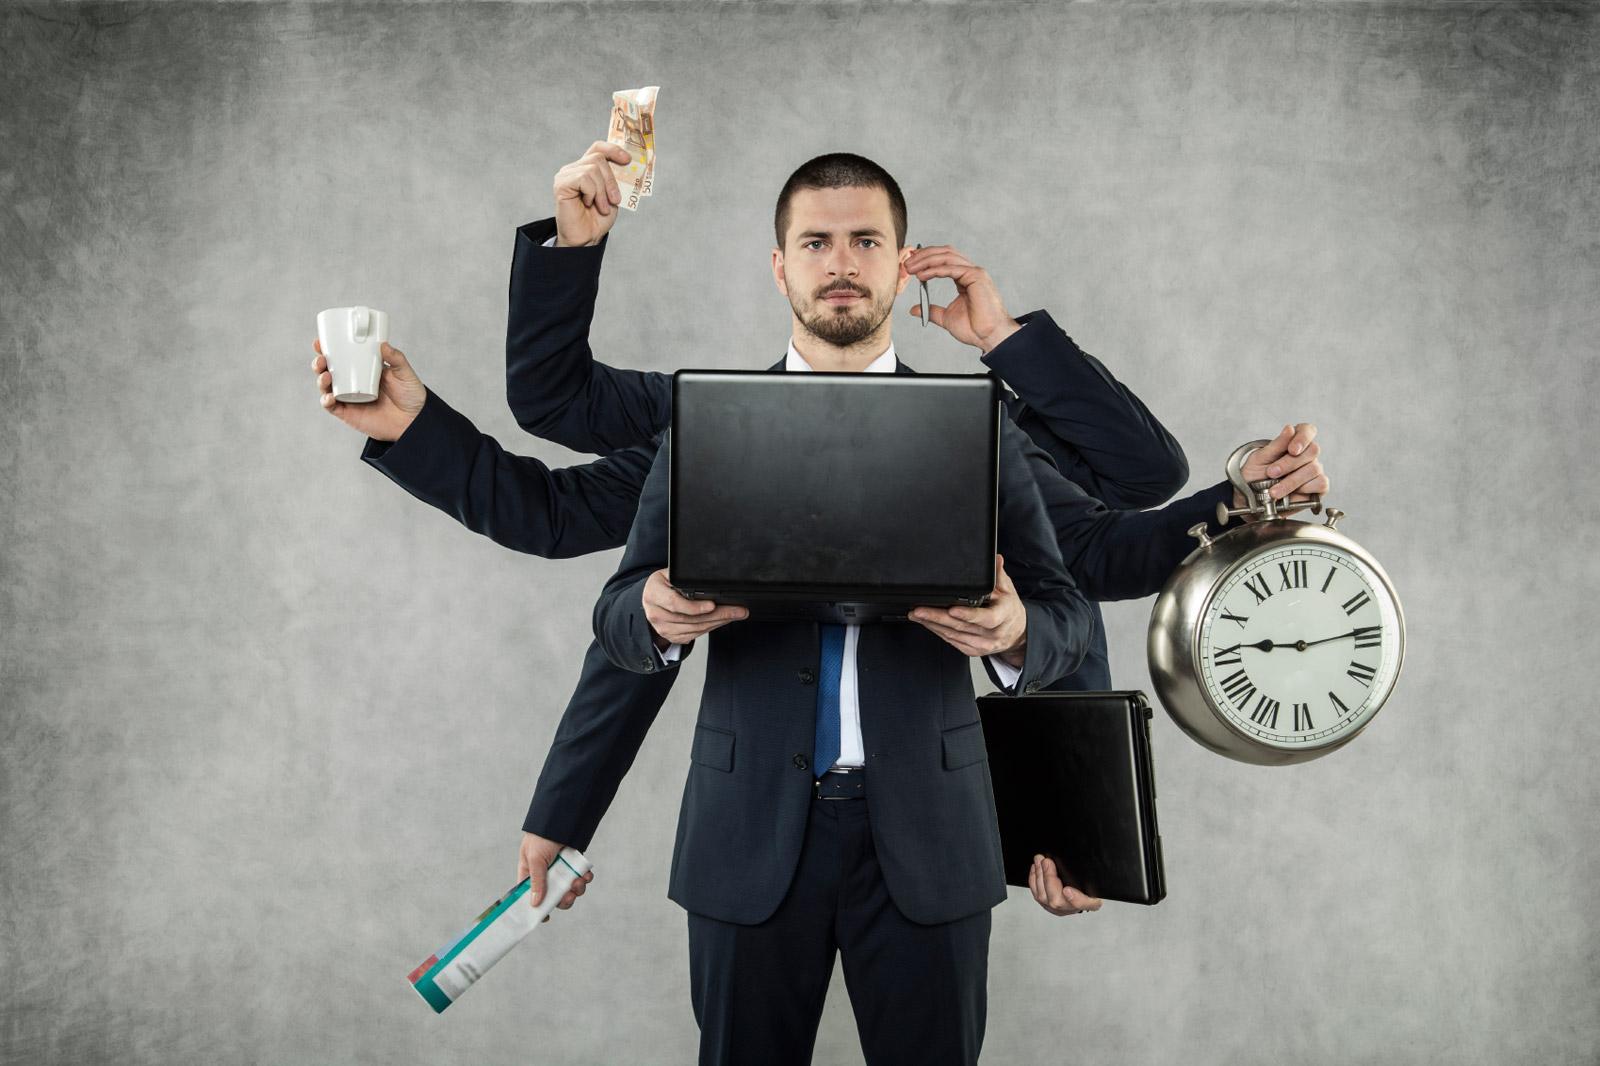 روش فروش صحیح؛ فروشنده خوب چه ویژگیهایی دارد؟